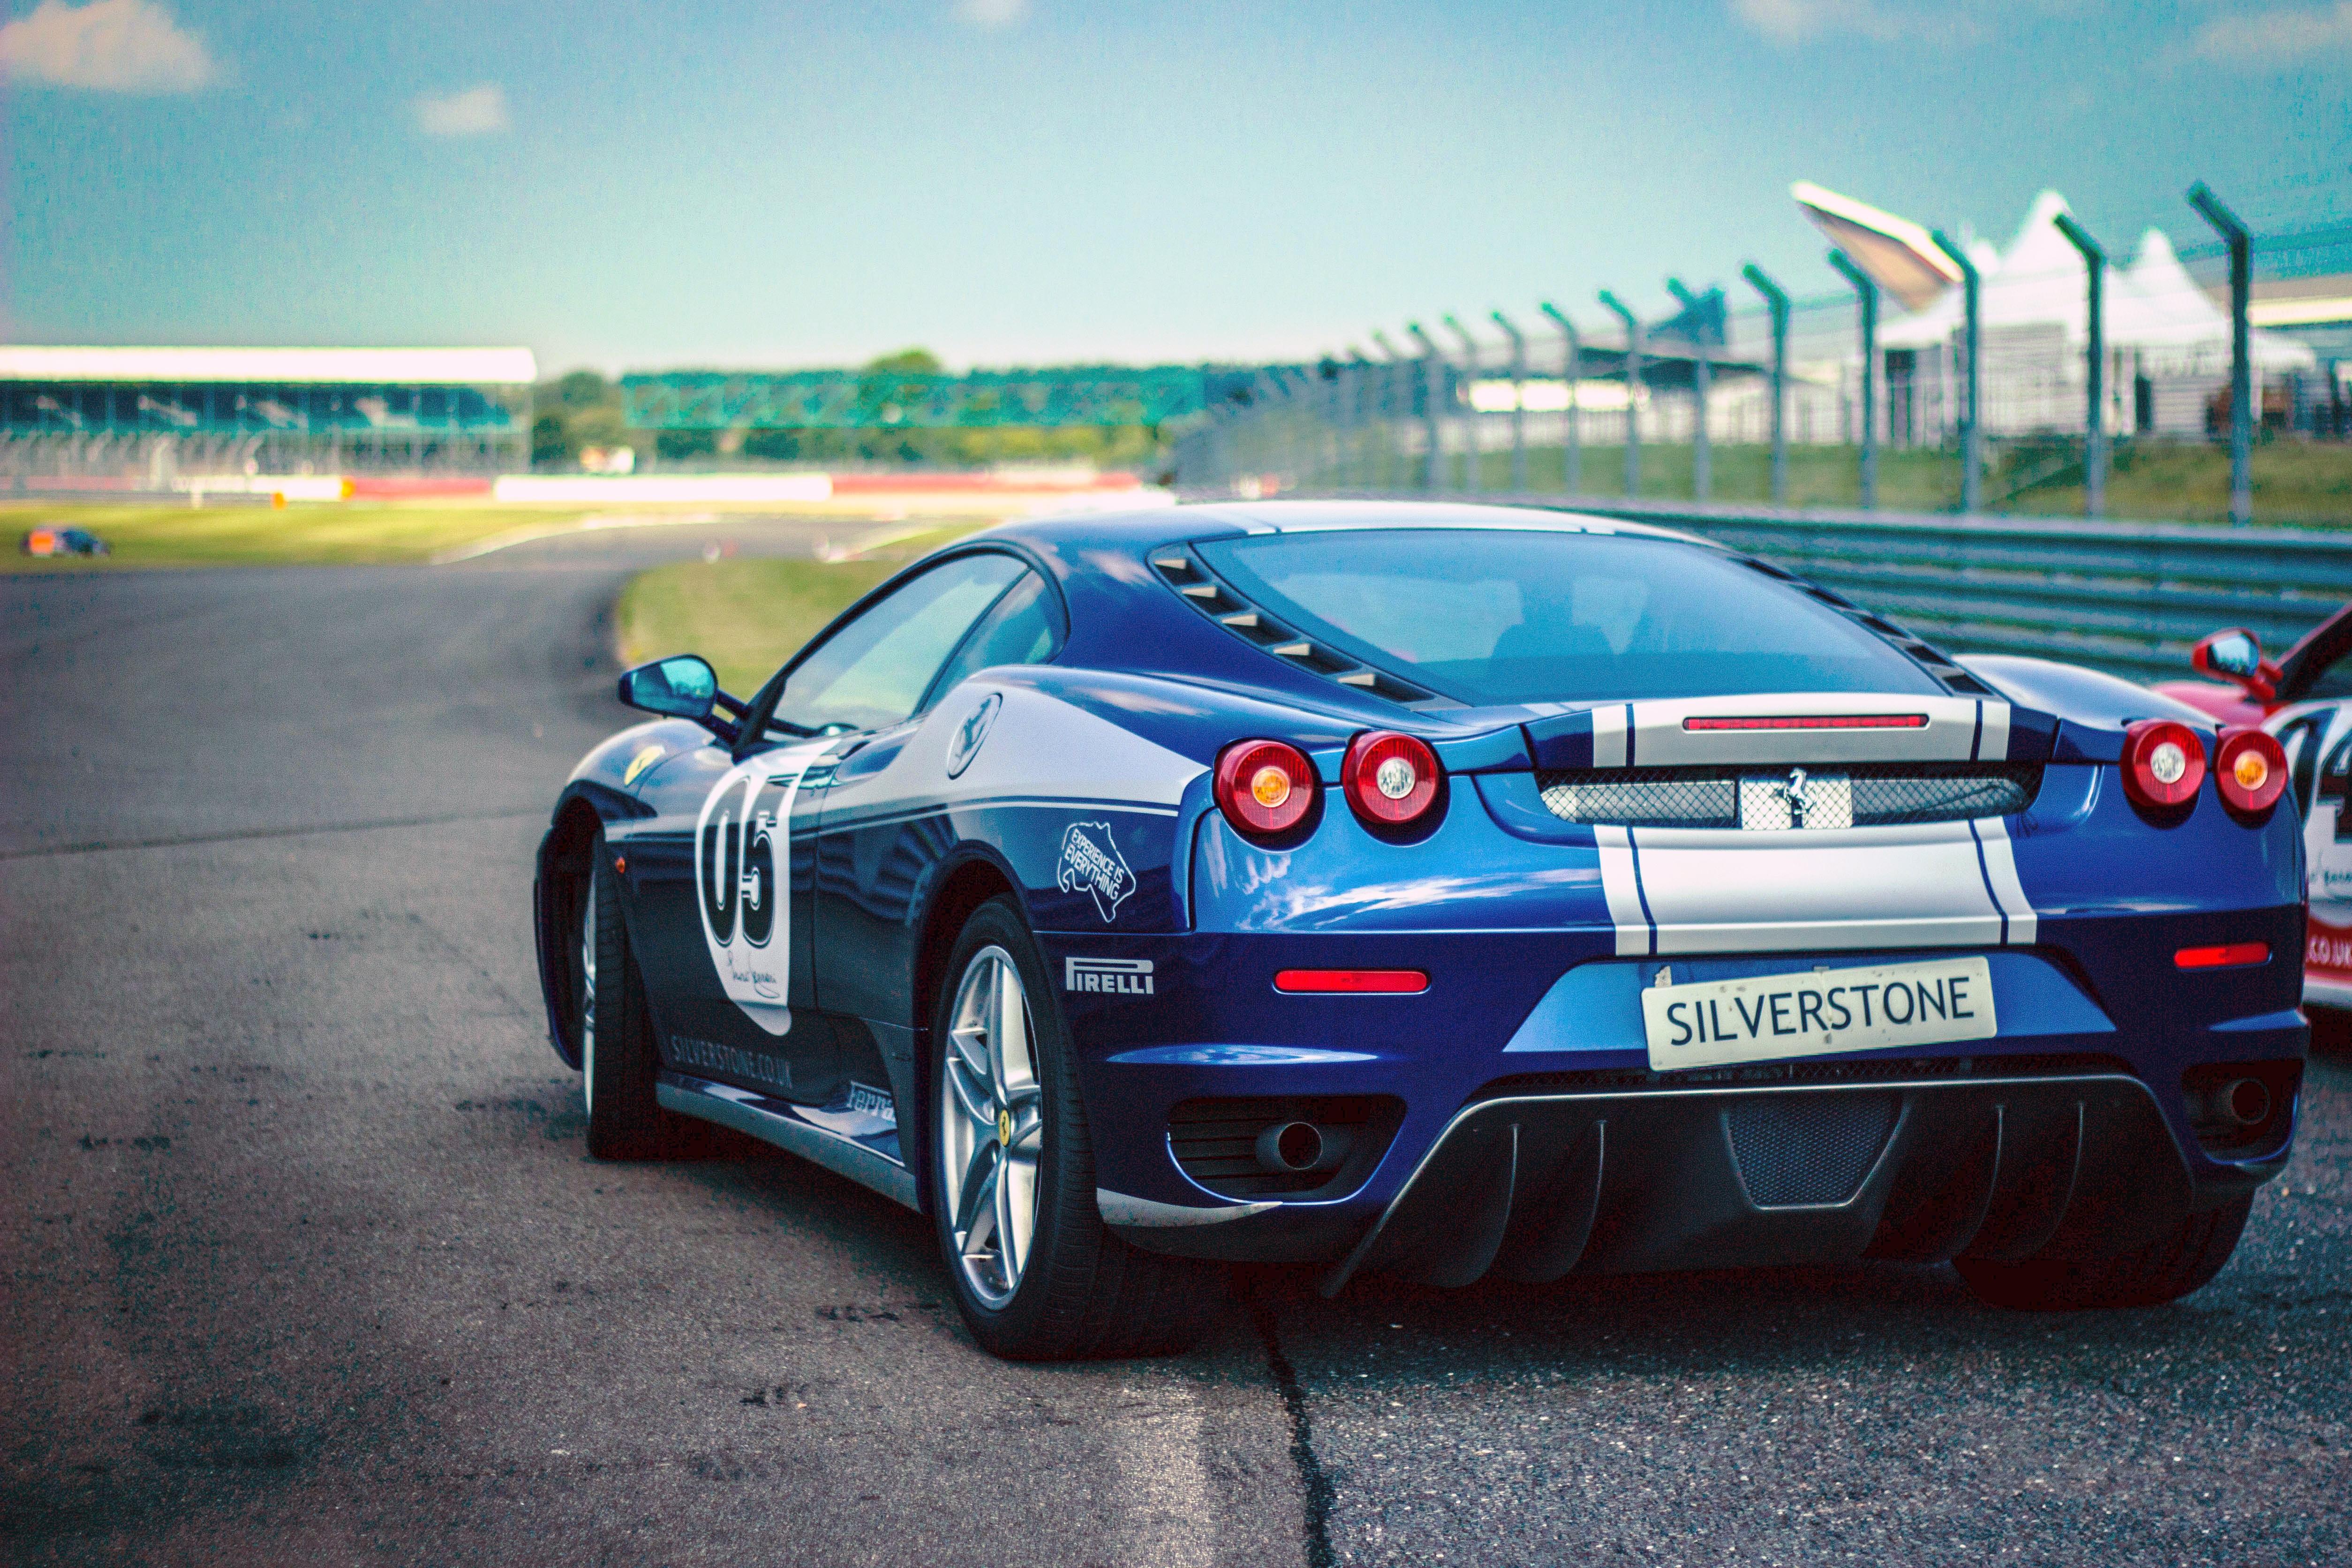 car-race-ferrari-racing-car-pirelli-50704